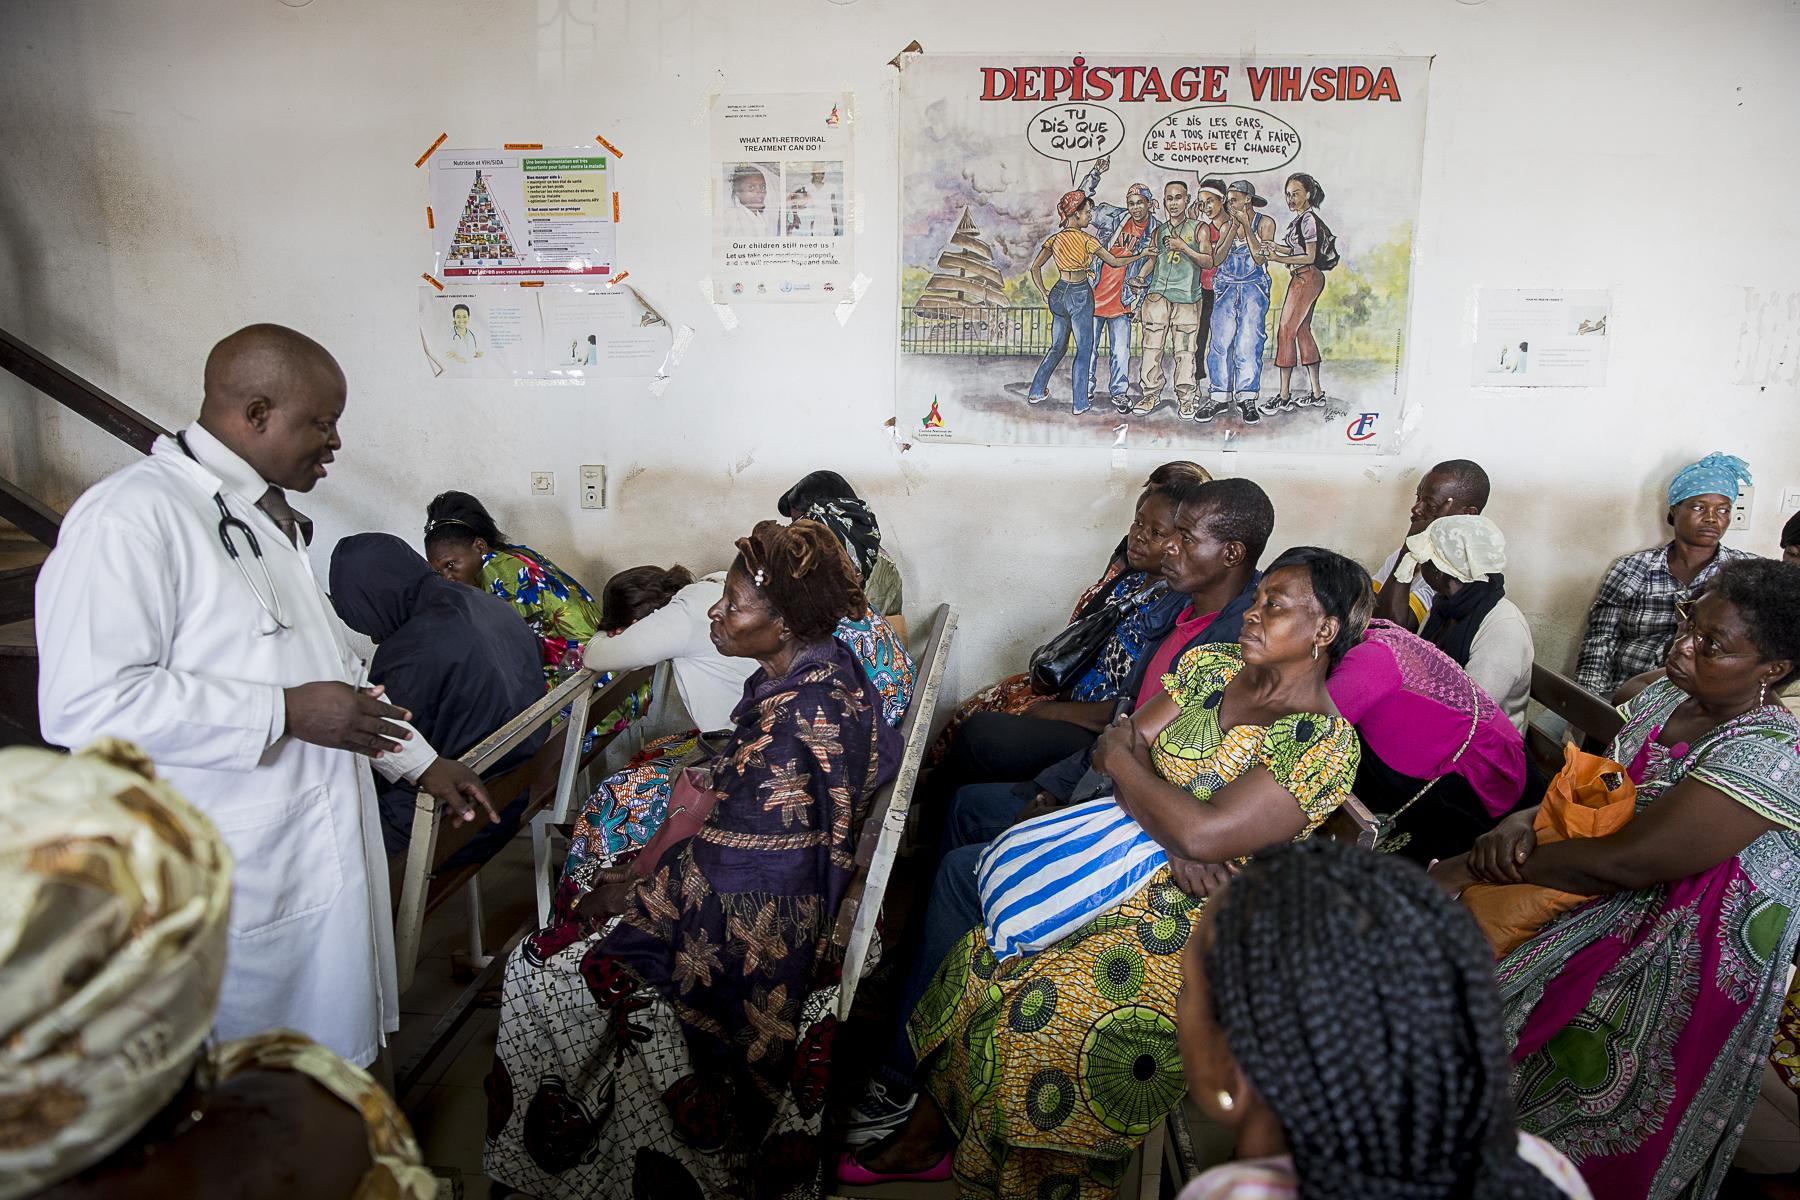 Dr Kouanfak charles chef de service de l\'hopital Central de jour de Yaoundé. Dans ce service sont effectué des depistages et les traitement des patients atteints du VIH. Tel que Jacqelin soigné par chimiothérapie pour un sarcome de Kaposi.